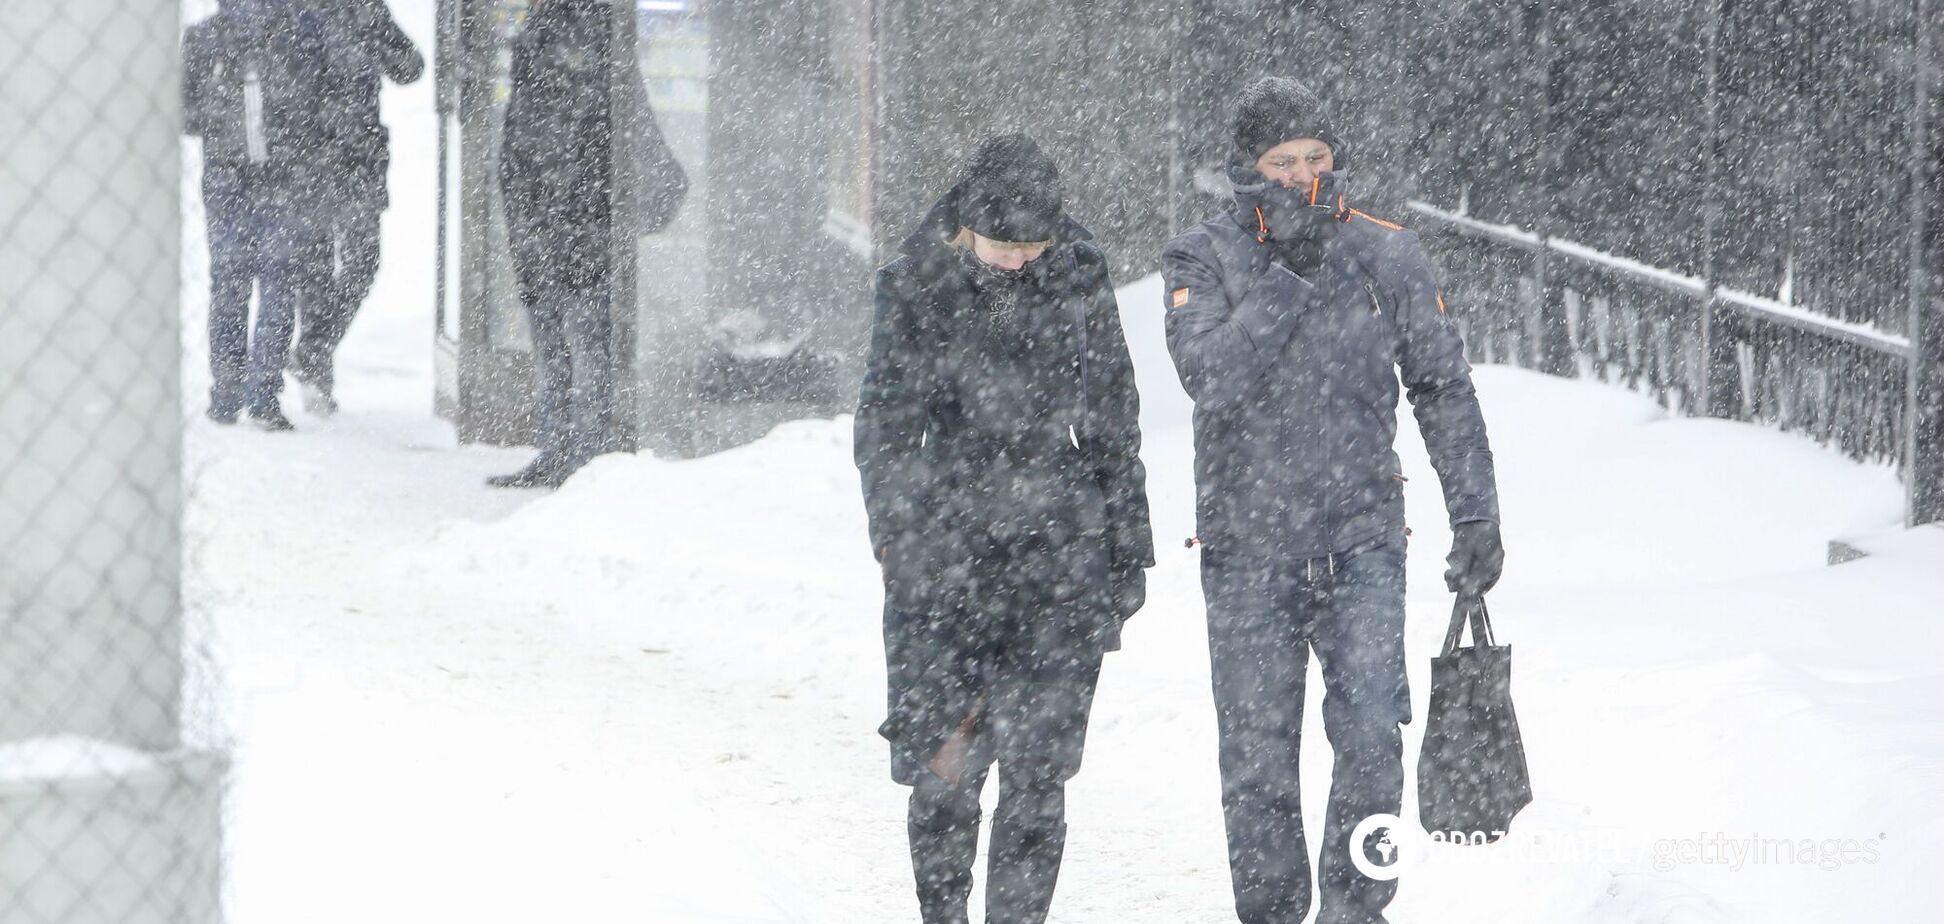 На Украину движется циклон: морозы до -24 и 40 см снега